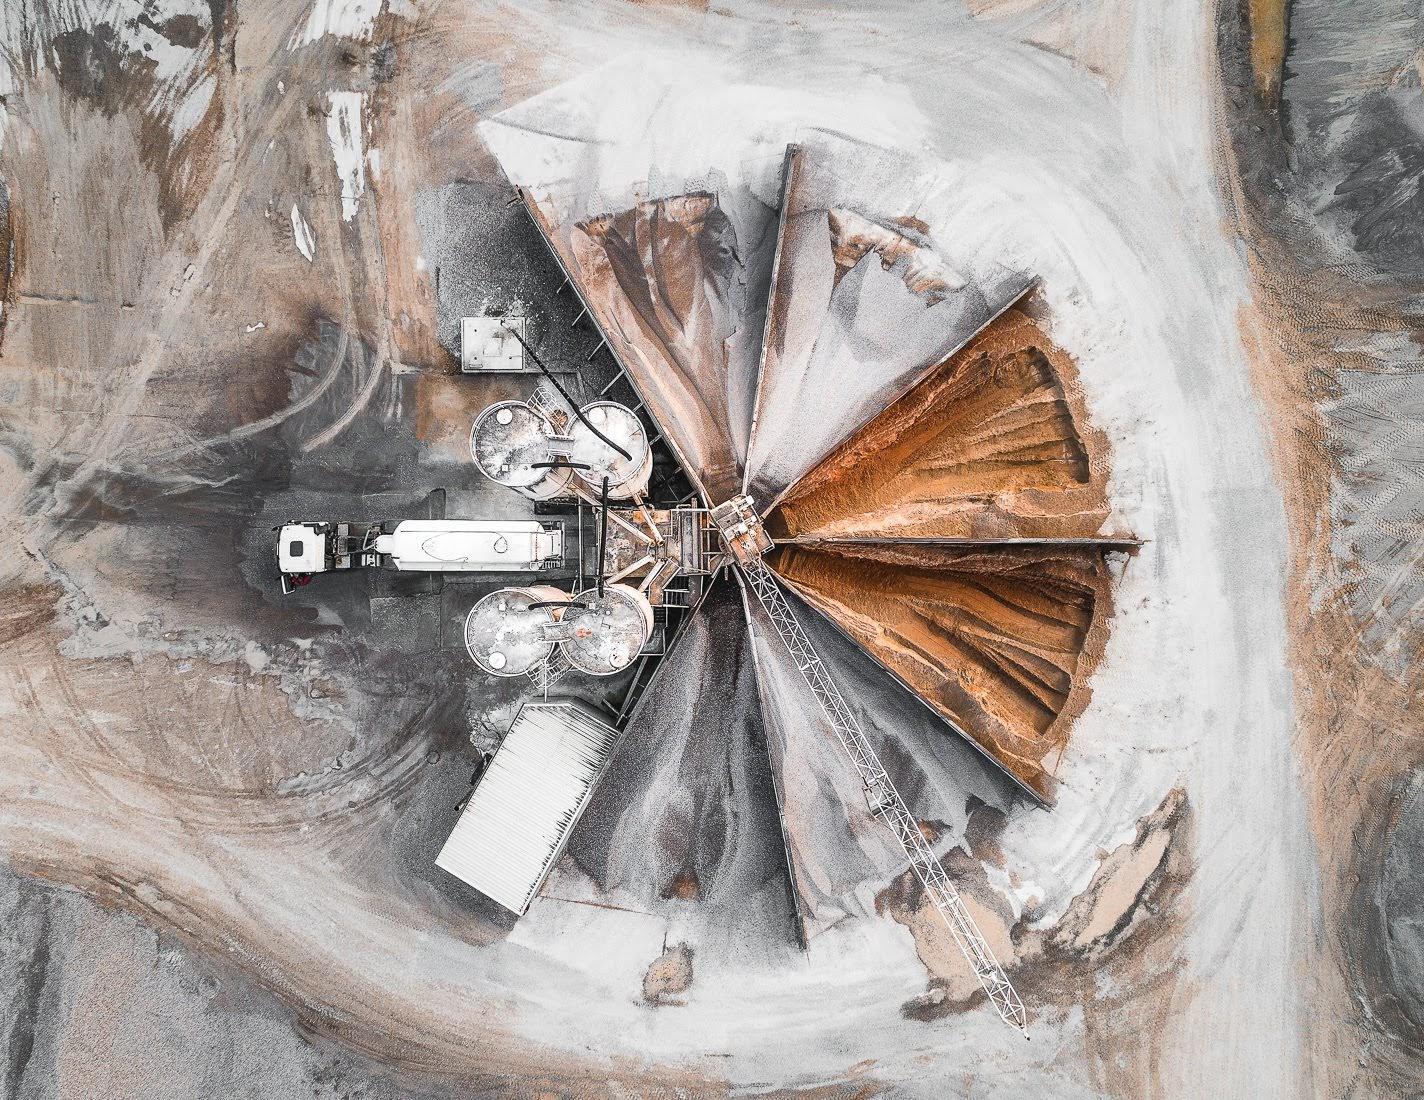 Visió zenital de la zona de càrrega d'àrids d'una pedrera